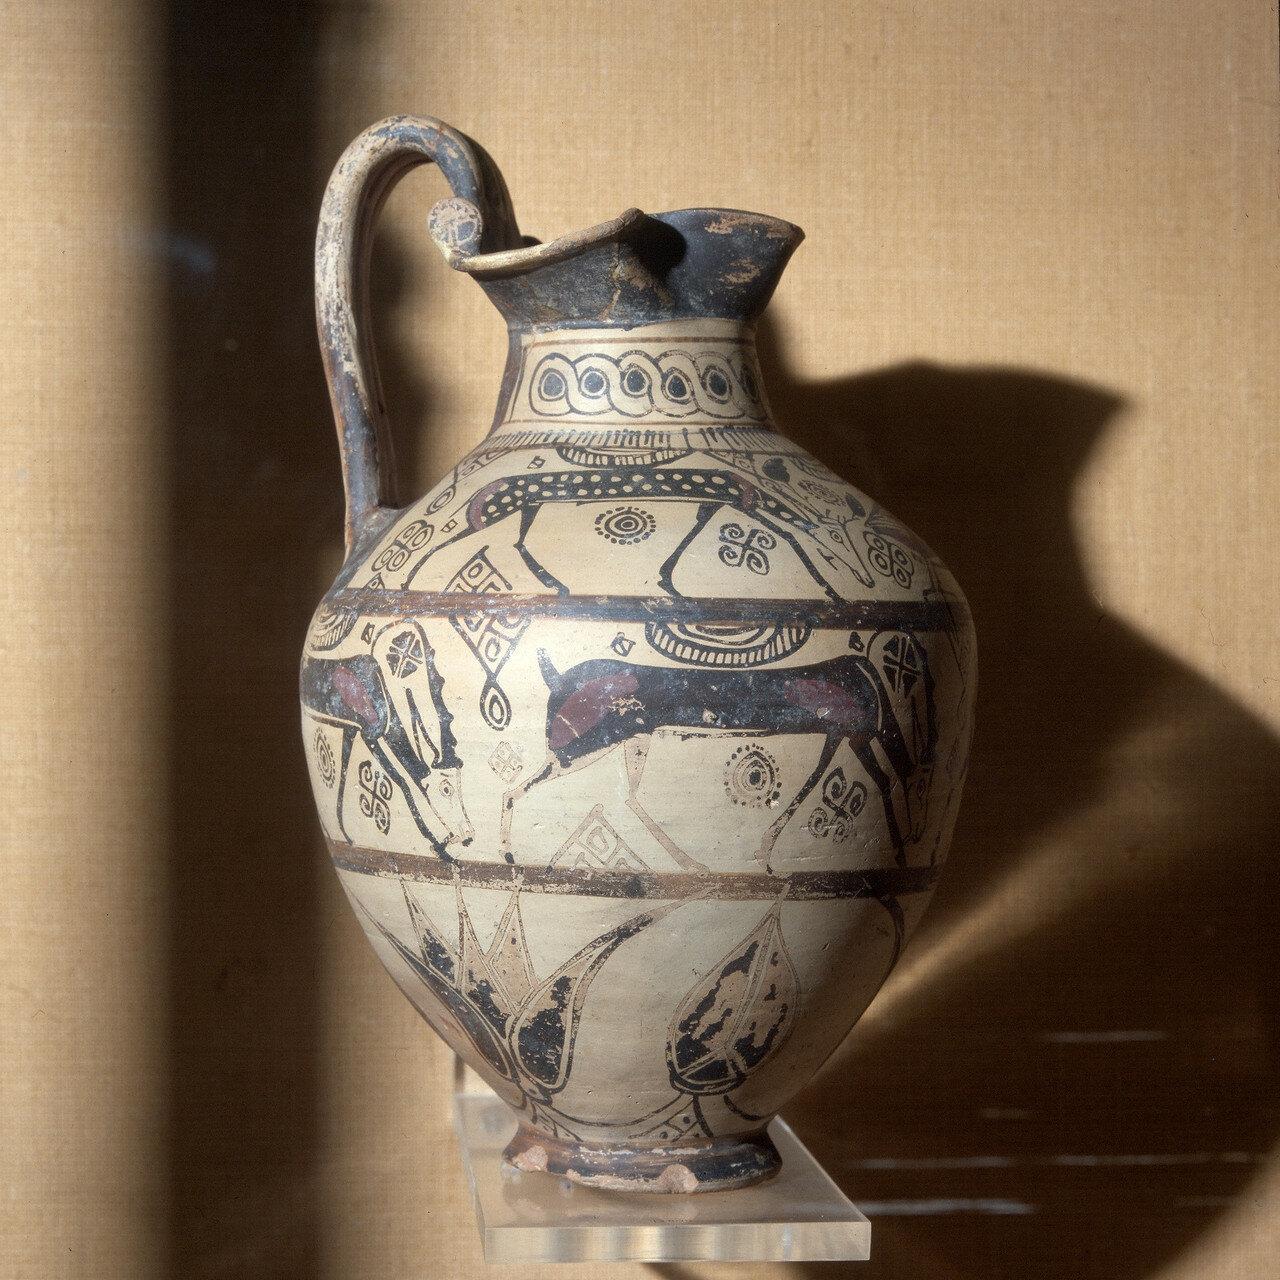 Родос, Археологический музей. Ойнохоя,  VII в. до н.э.